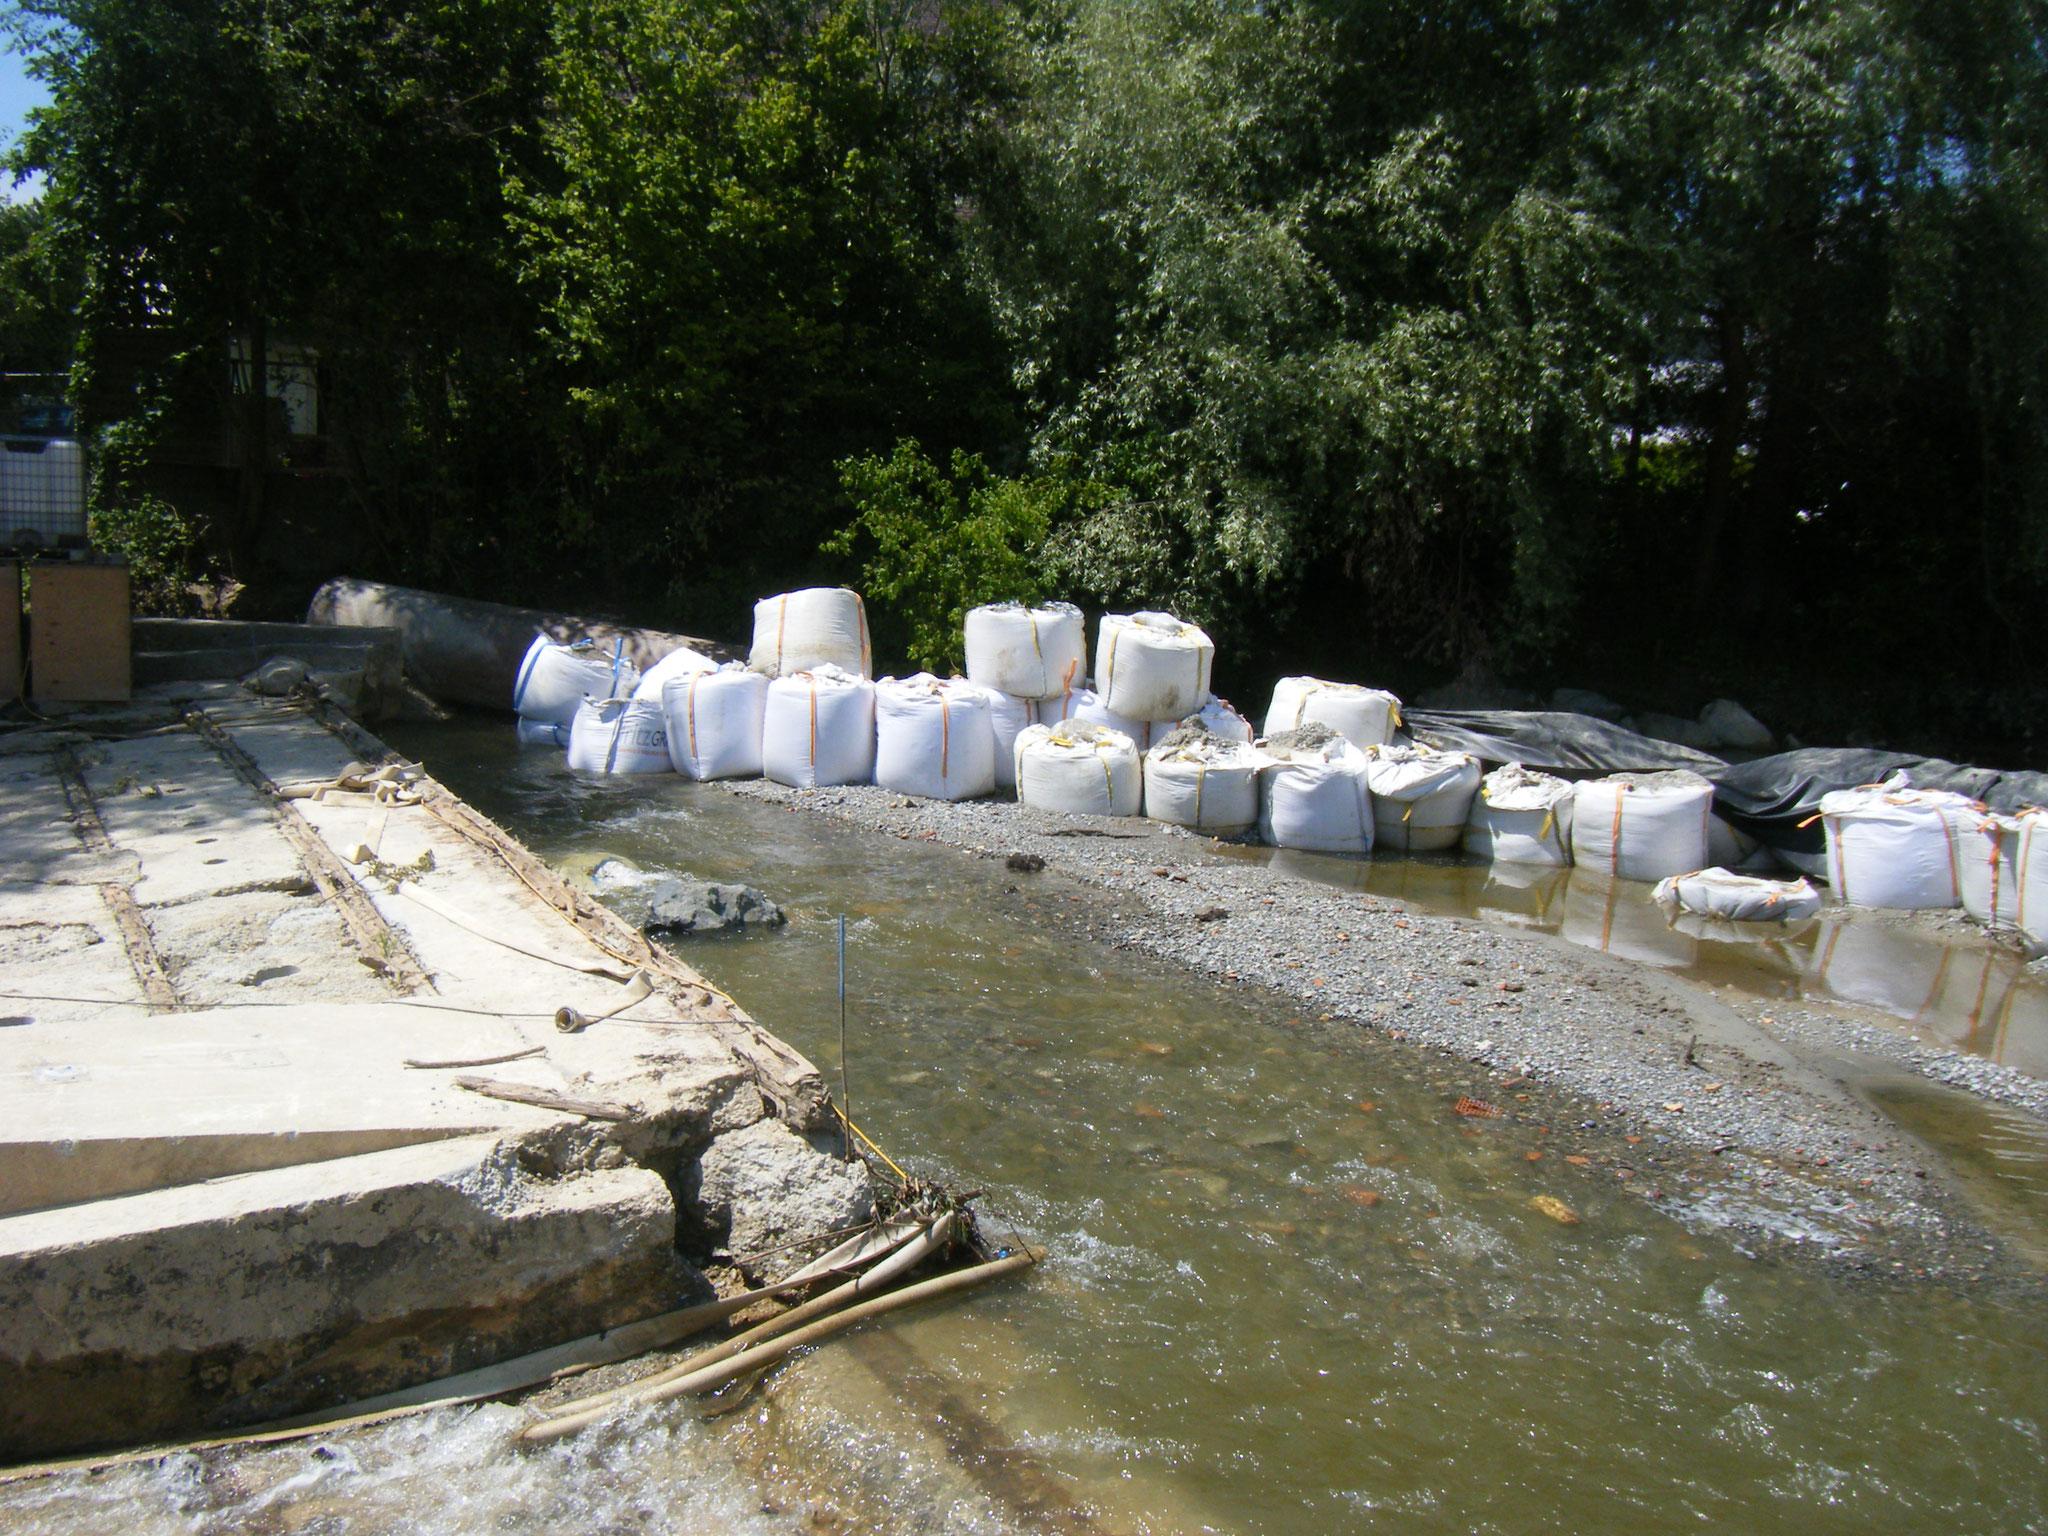 die Hälfte des Flusswassers hat sich einen Weg unter dem Stahlrohr im Hintergrund gebahnt